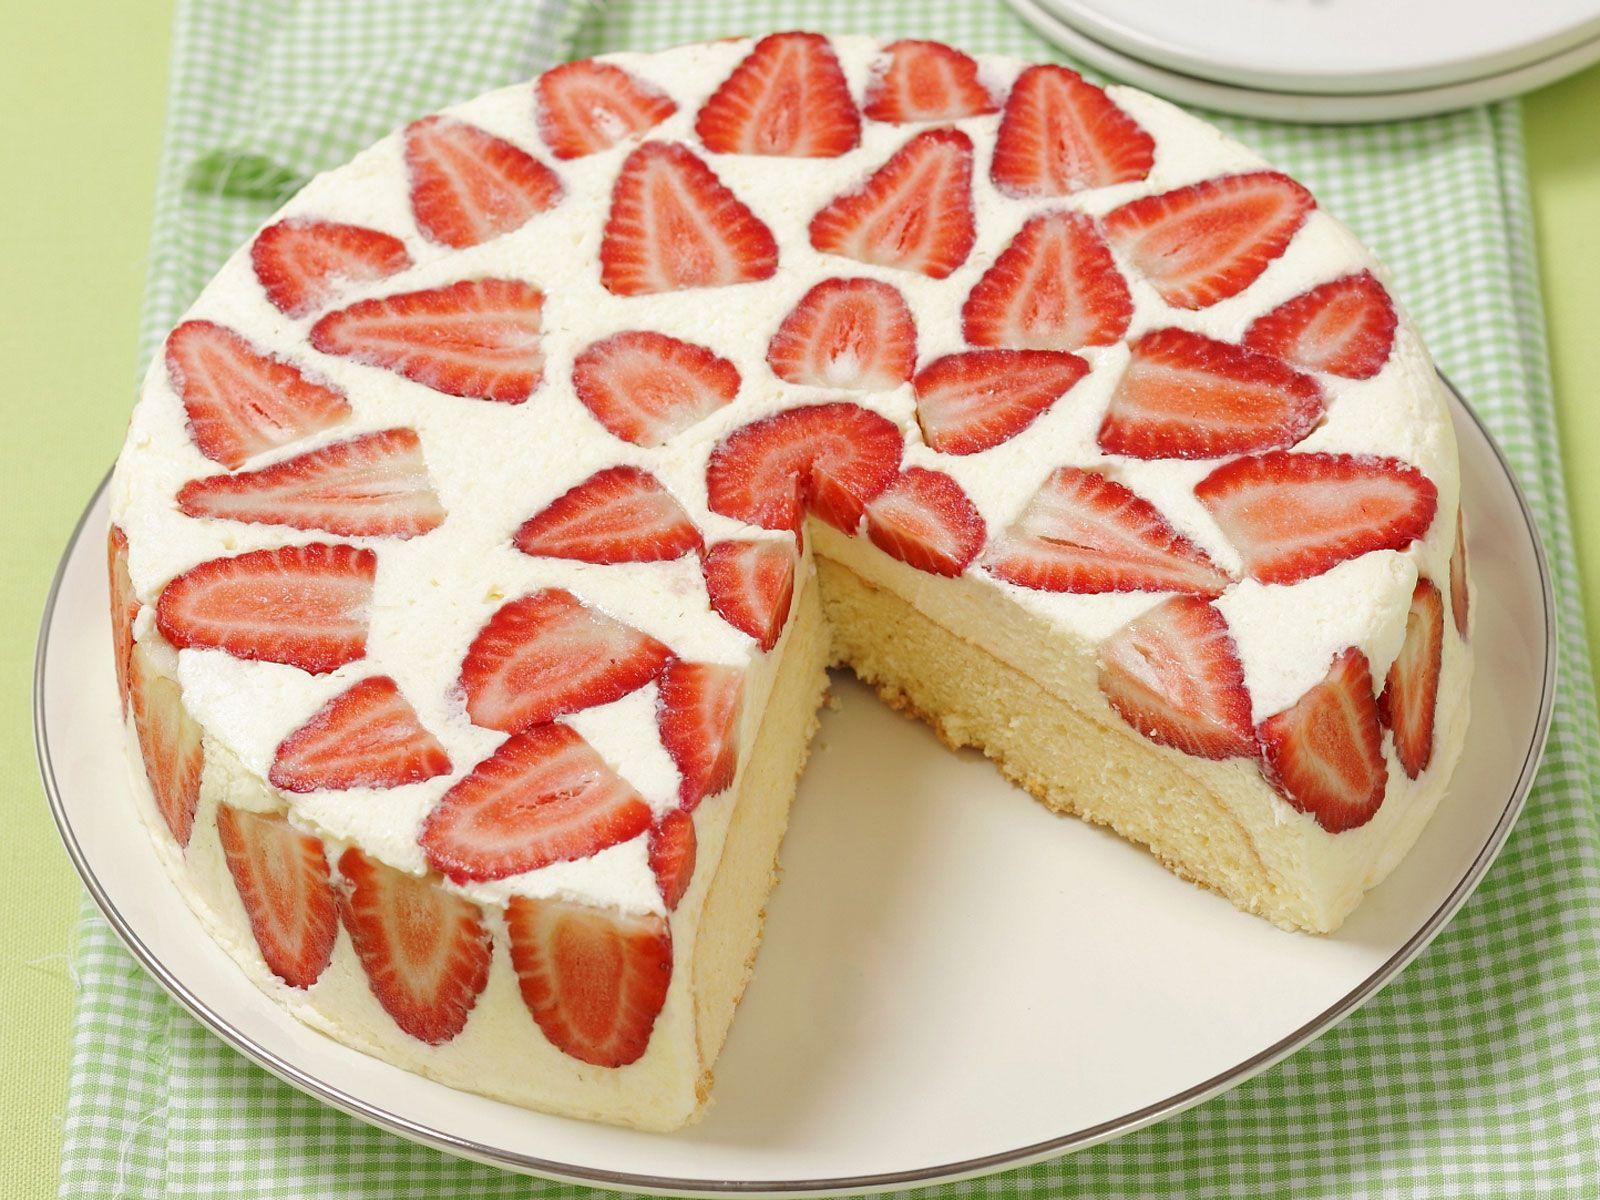 Mascarpone Erdbeer Torte Rezept Eat Smarter